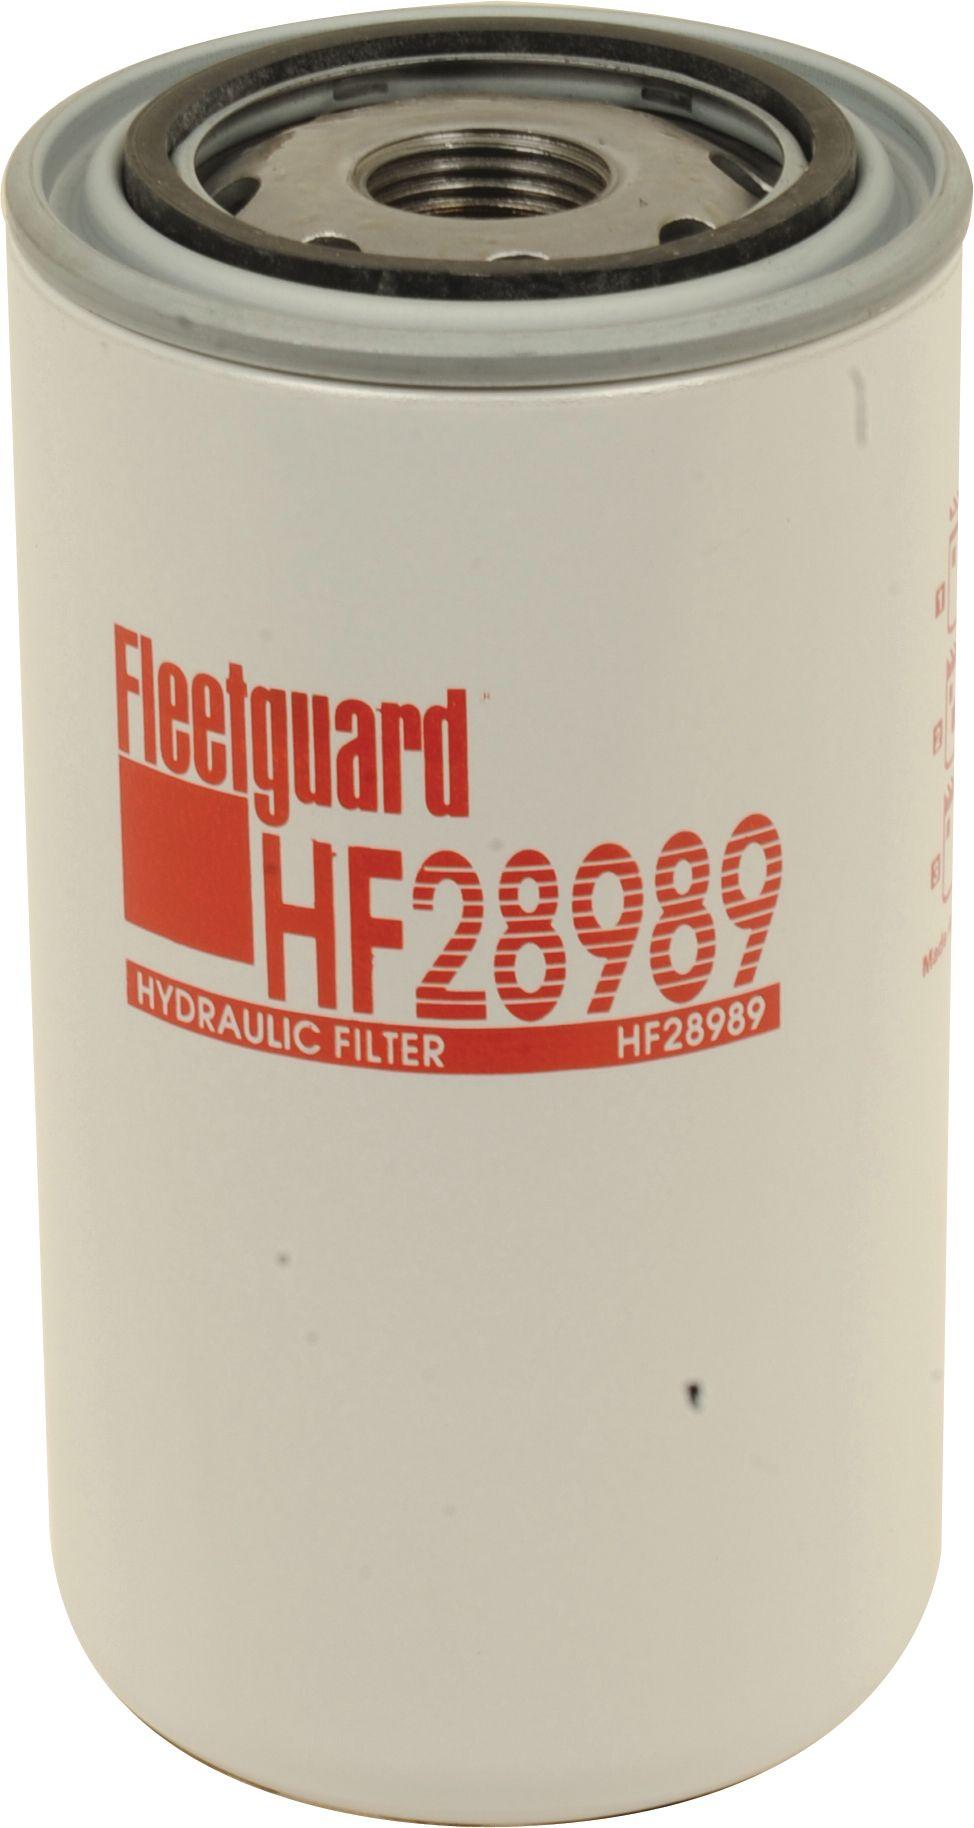 STEYR HYDRAULIC FILTER HF28989 76857